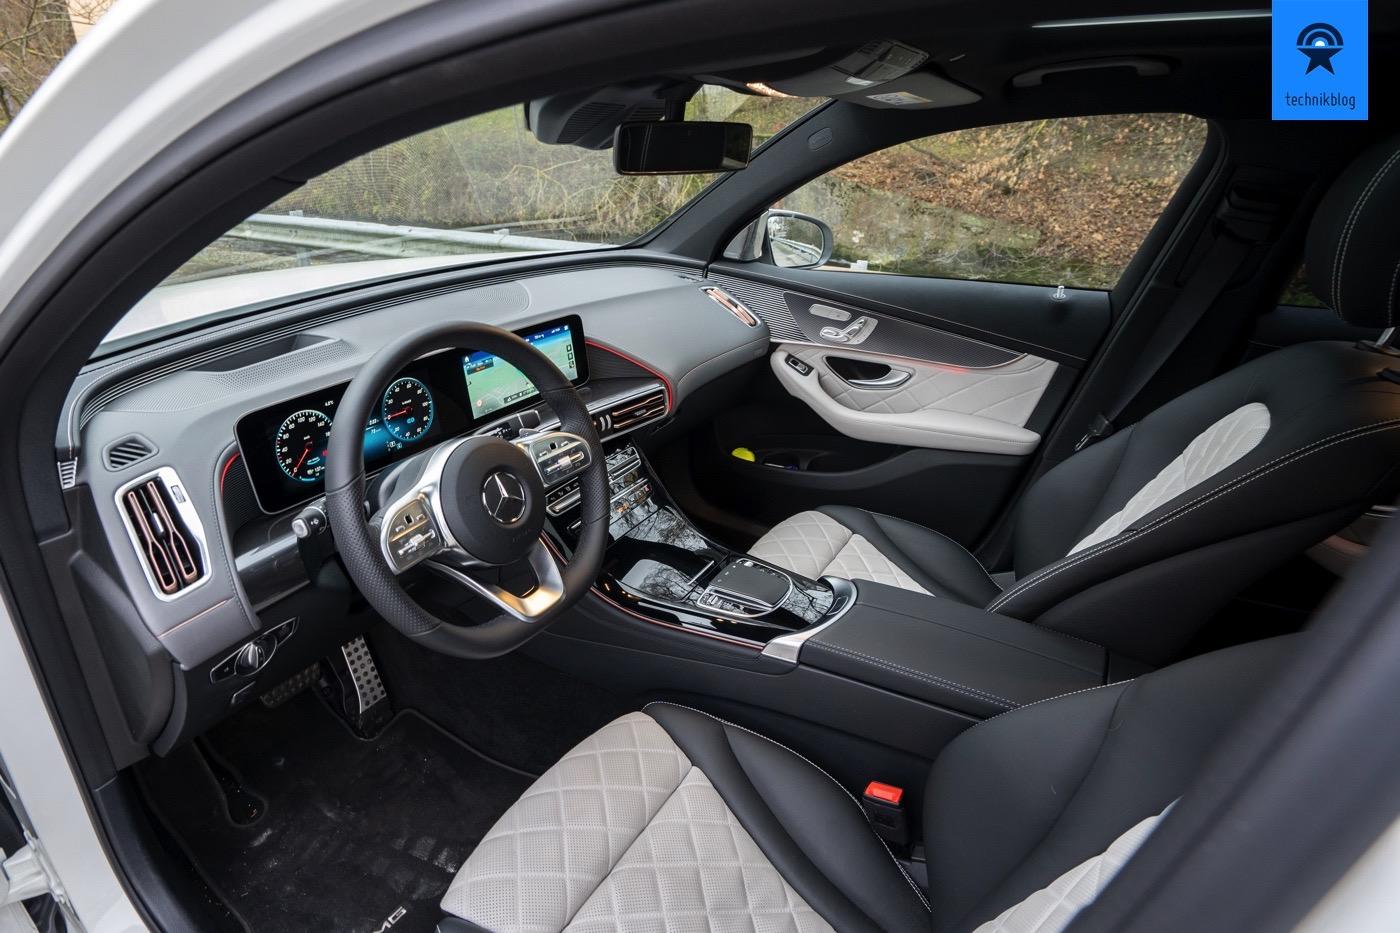 Innenraum des Mercedes EQC: Vordere Sitzreihe